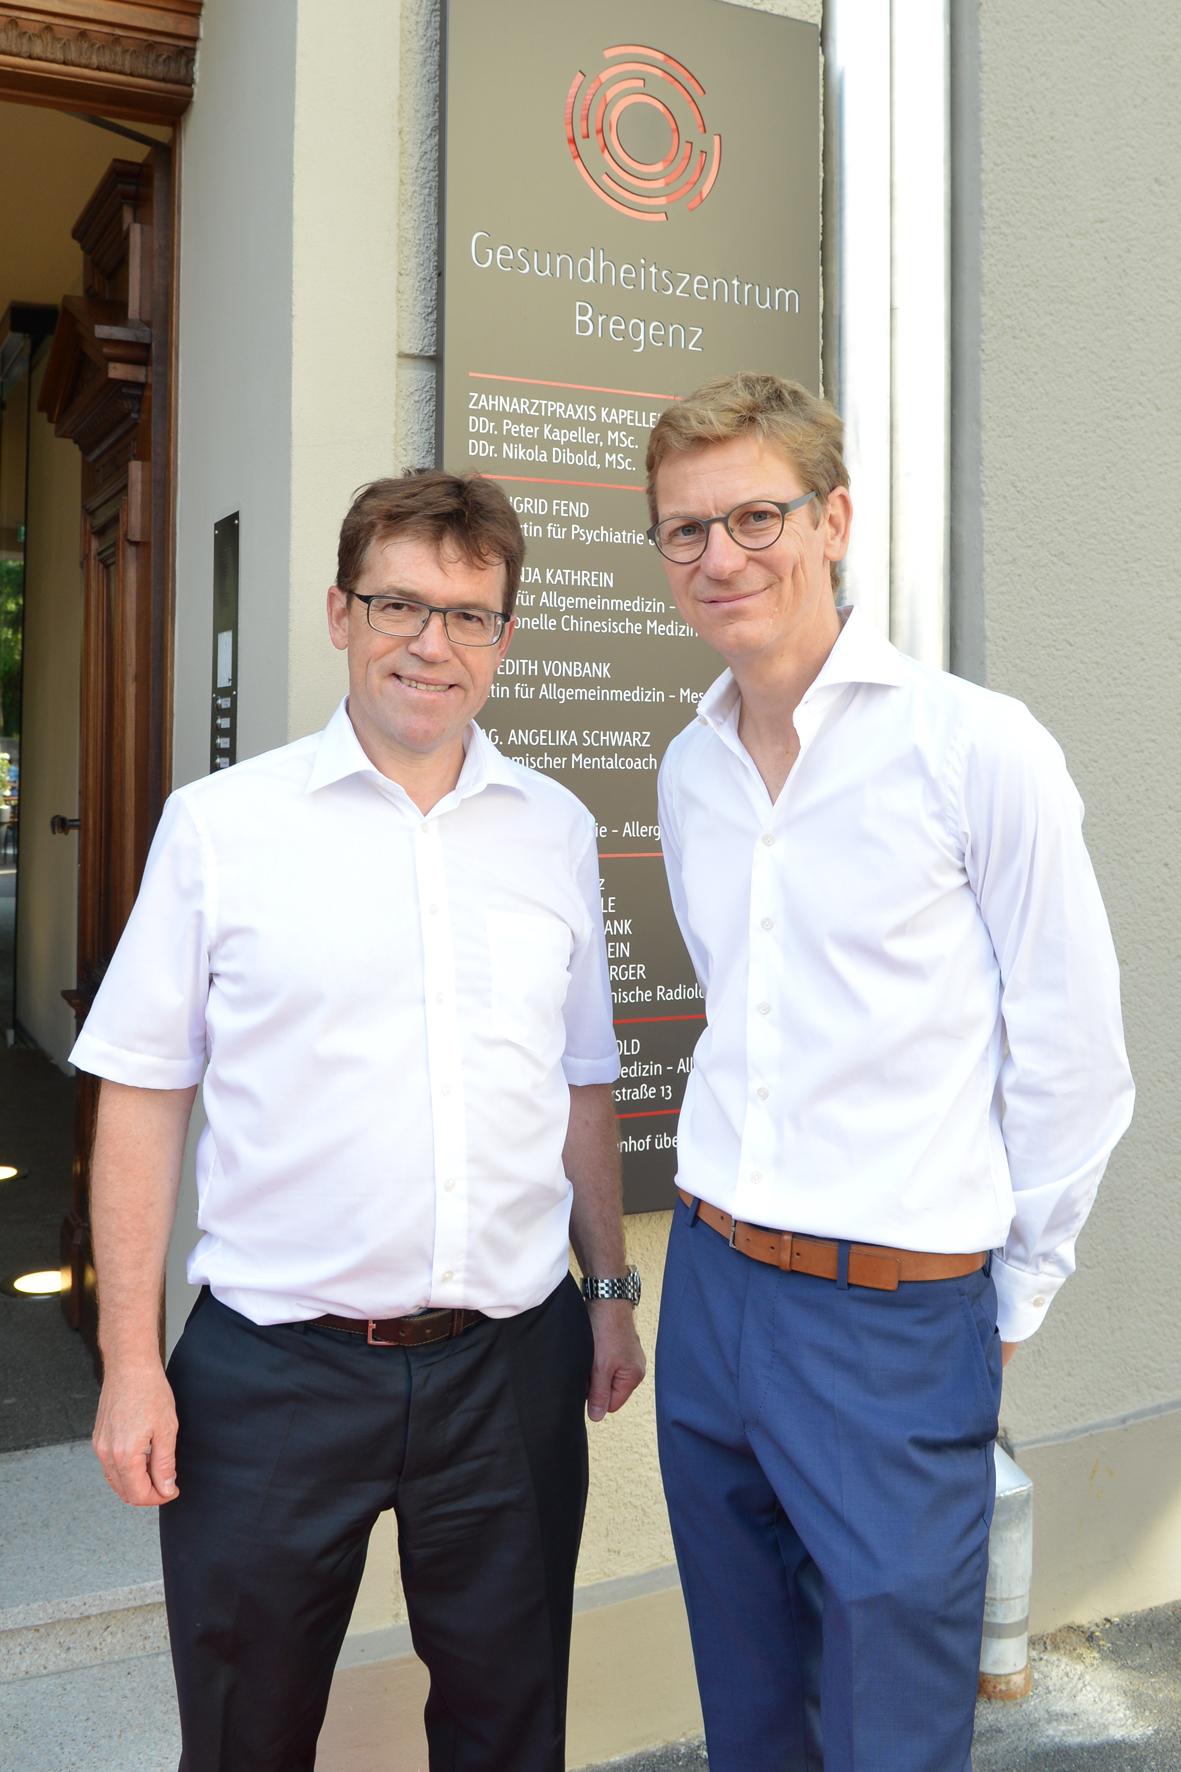 Gesundheitszentrum Bregenz Mag. Werner Braun und Mag. (FH) Armin Sautter © Sautter Büro Raum Konzept Christian Schramm